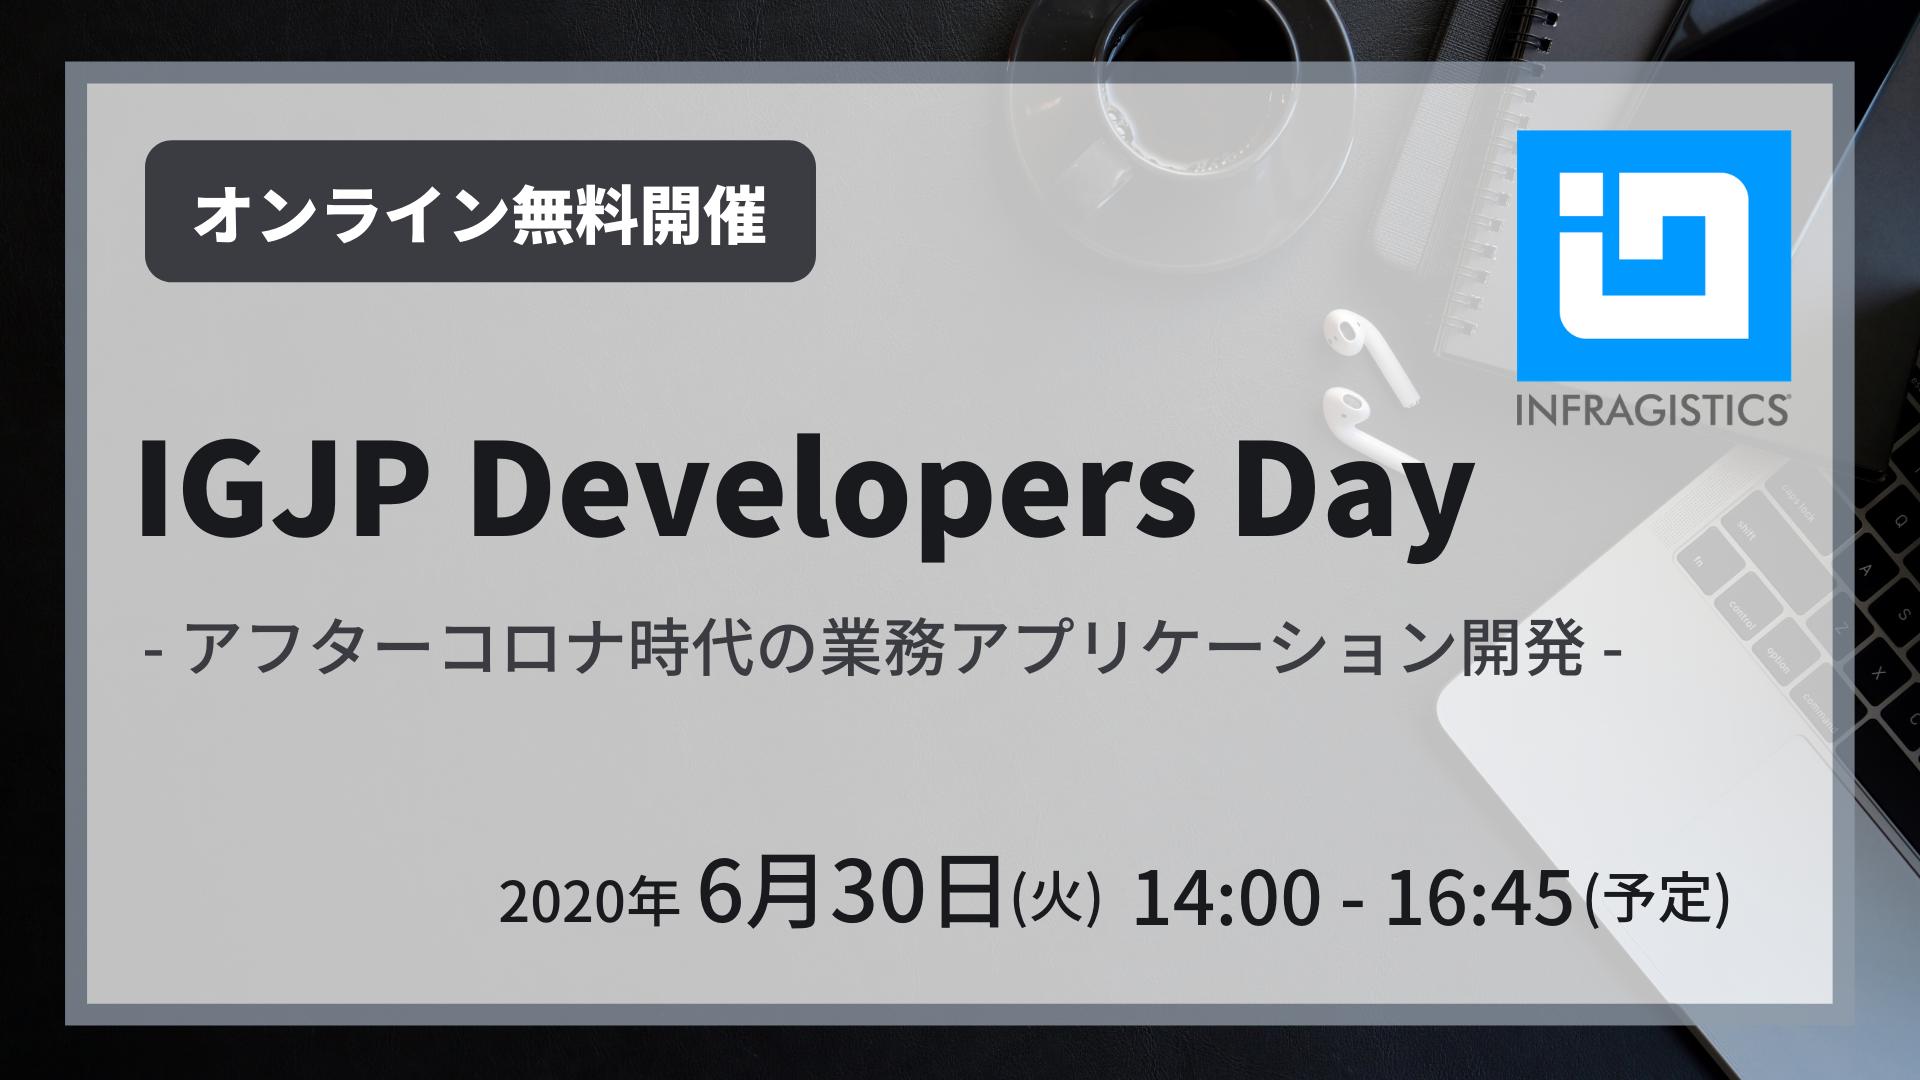 IGJP Developers Day